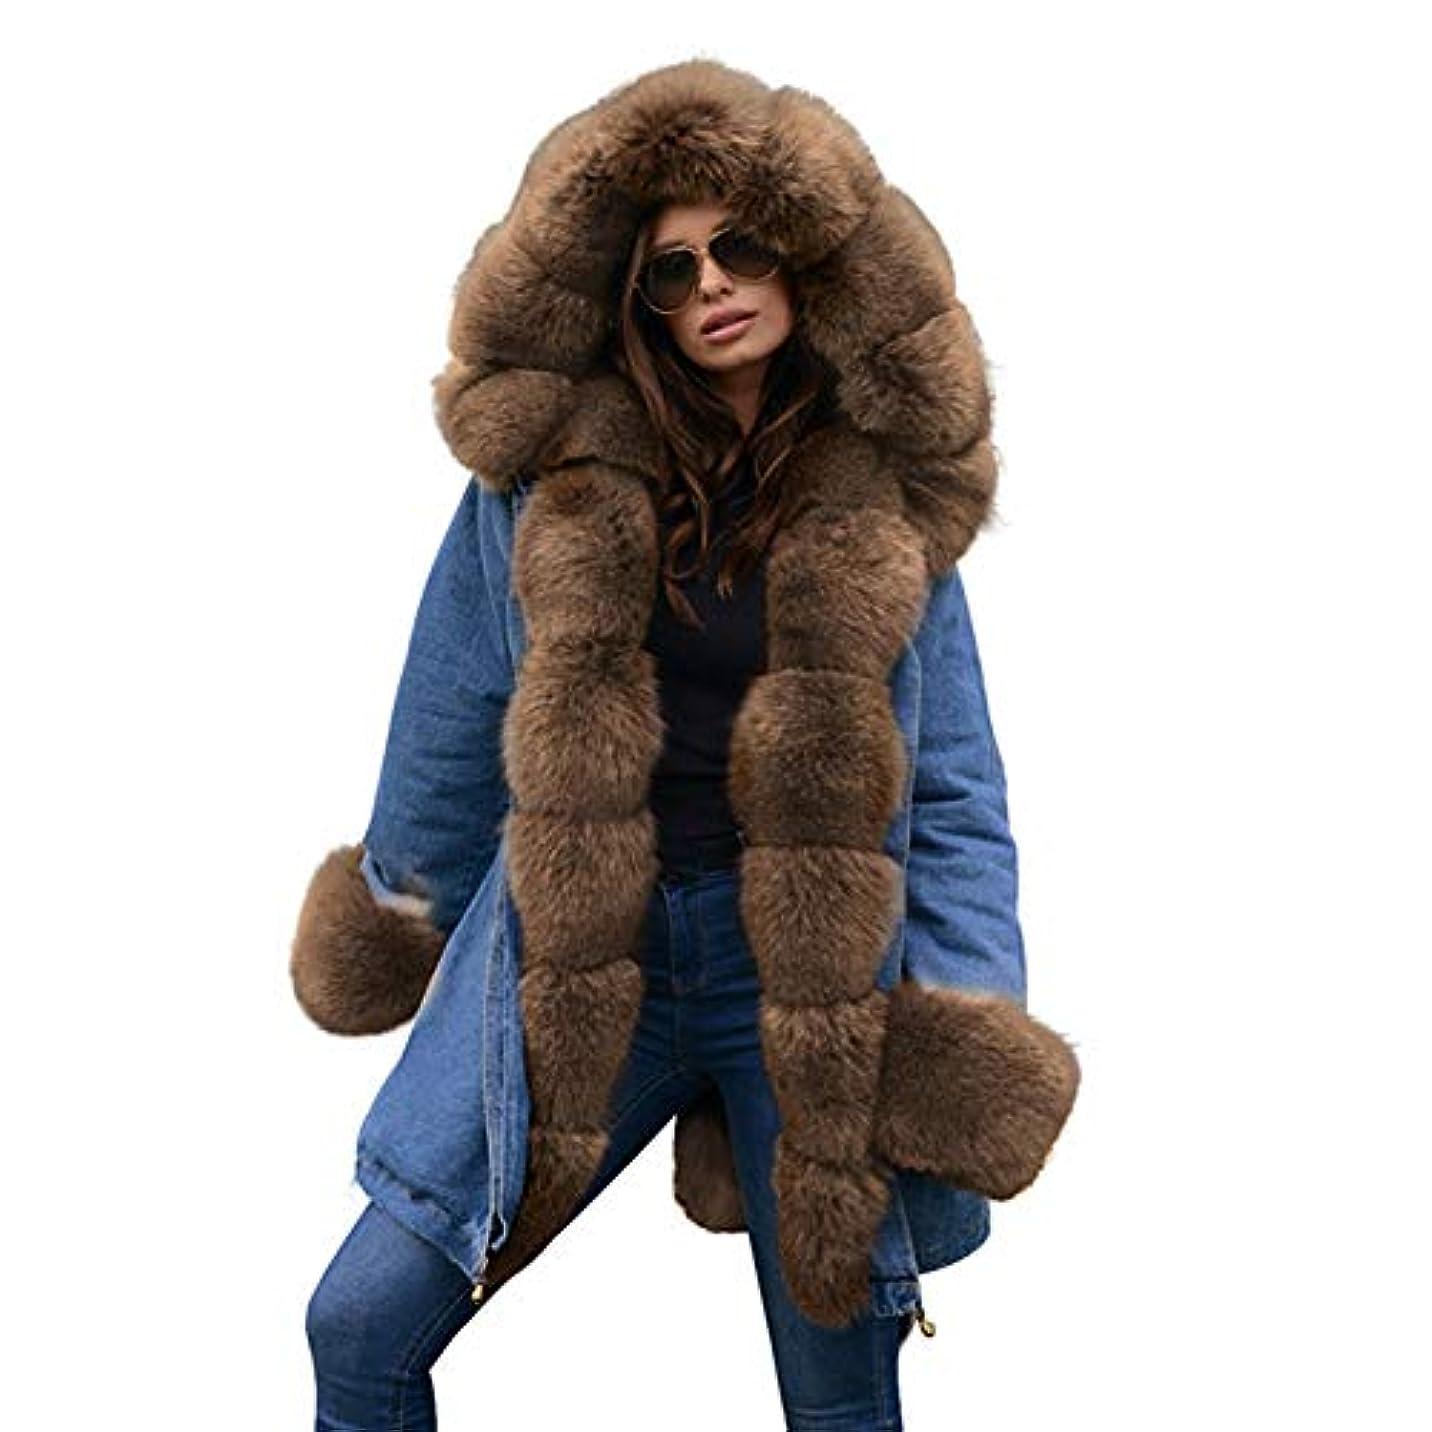 レトルトではごきげんよう薬局厚手フード付きジャケット女性ウィンターフェイクファーカラーコートコットンパットオーバーコートロングコートパーカスパーカ,S